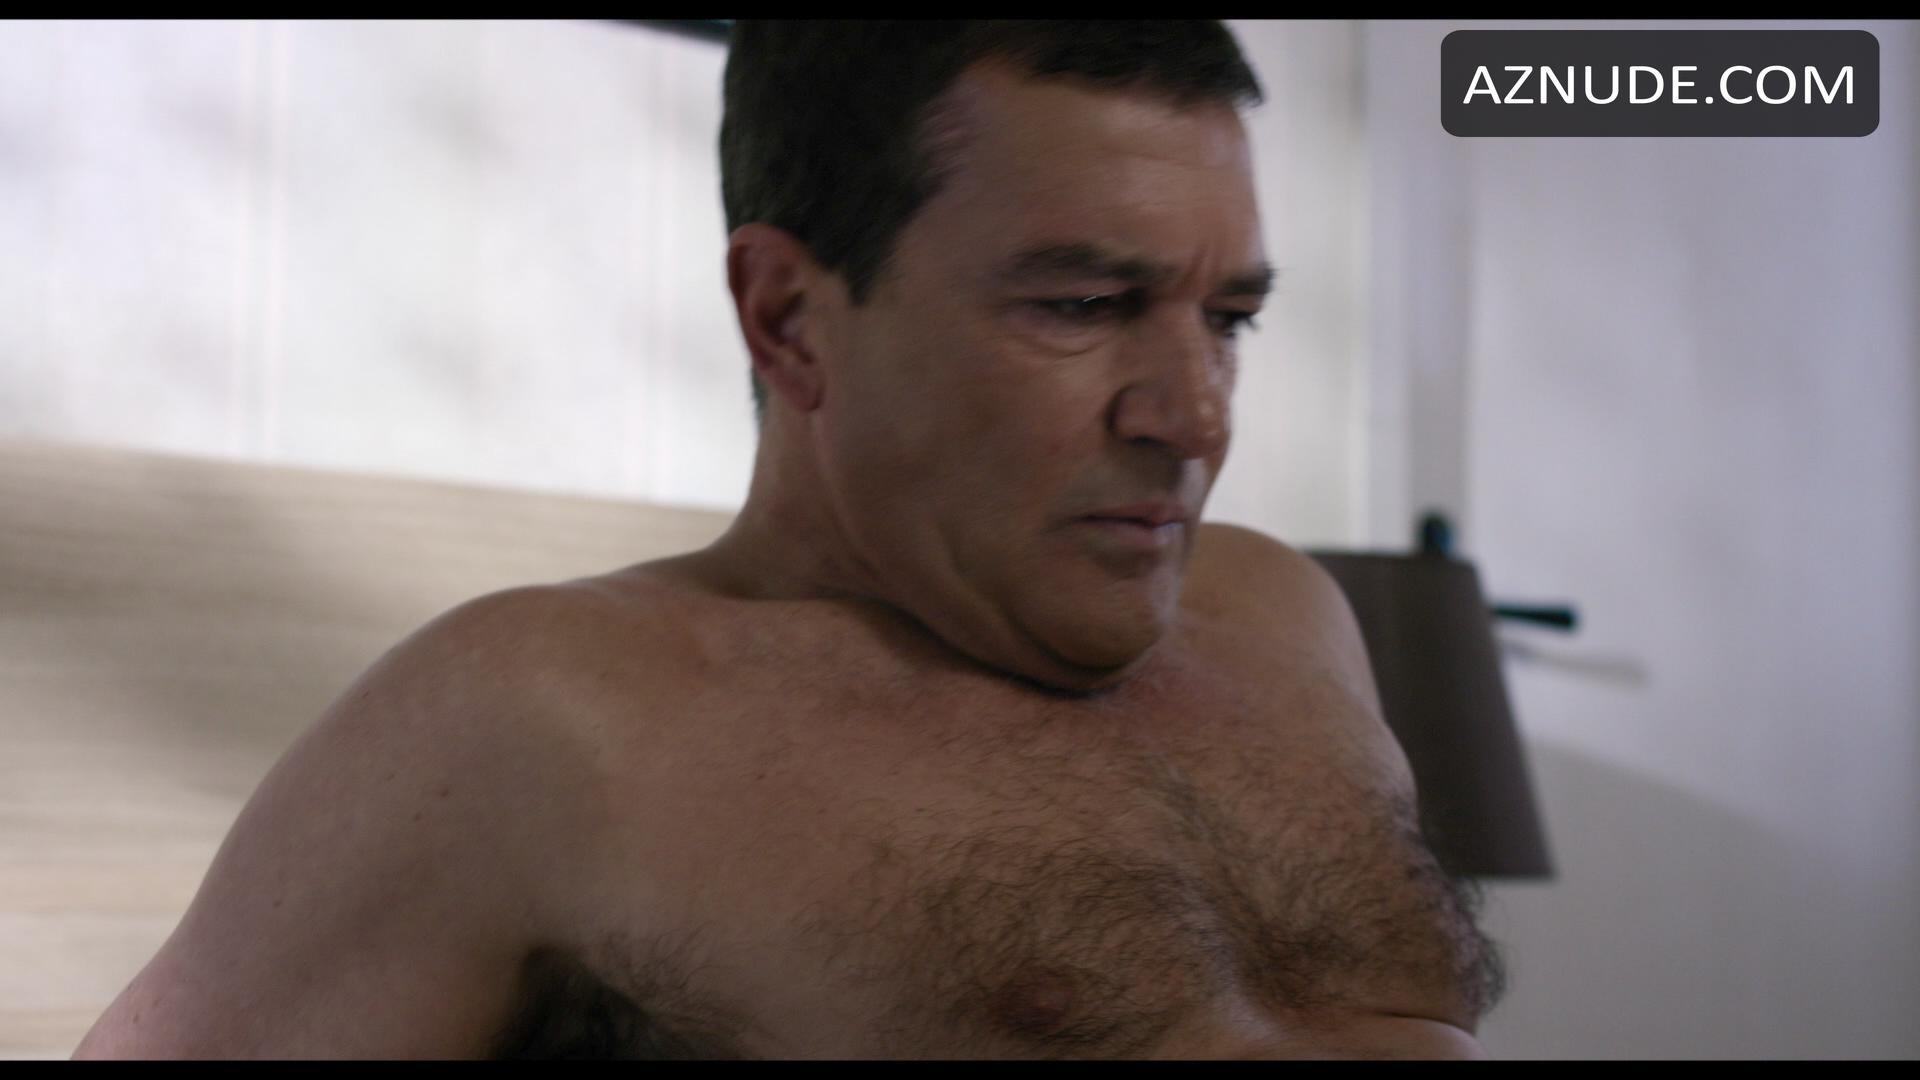 Antonio Banderas Nude - Aznude Men-8823